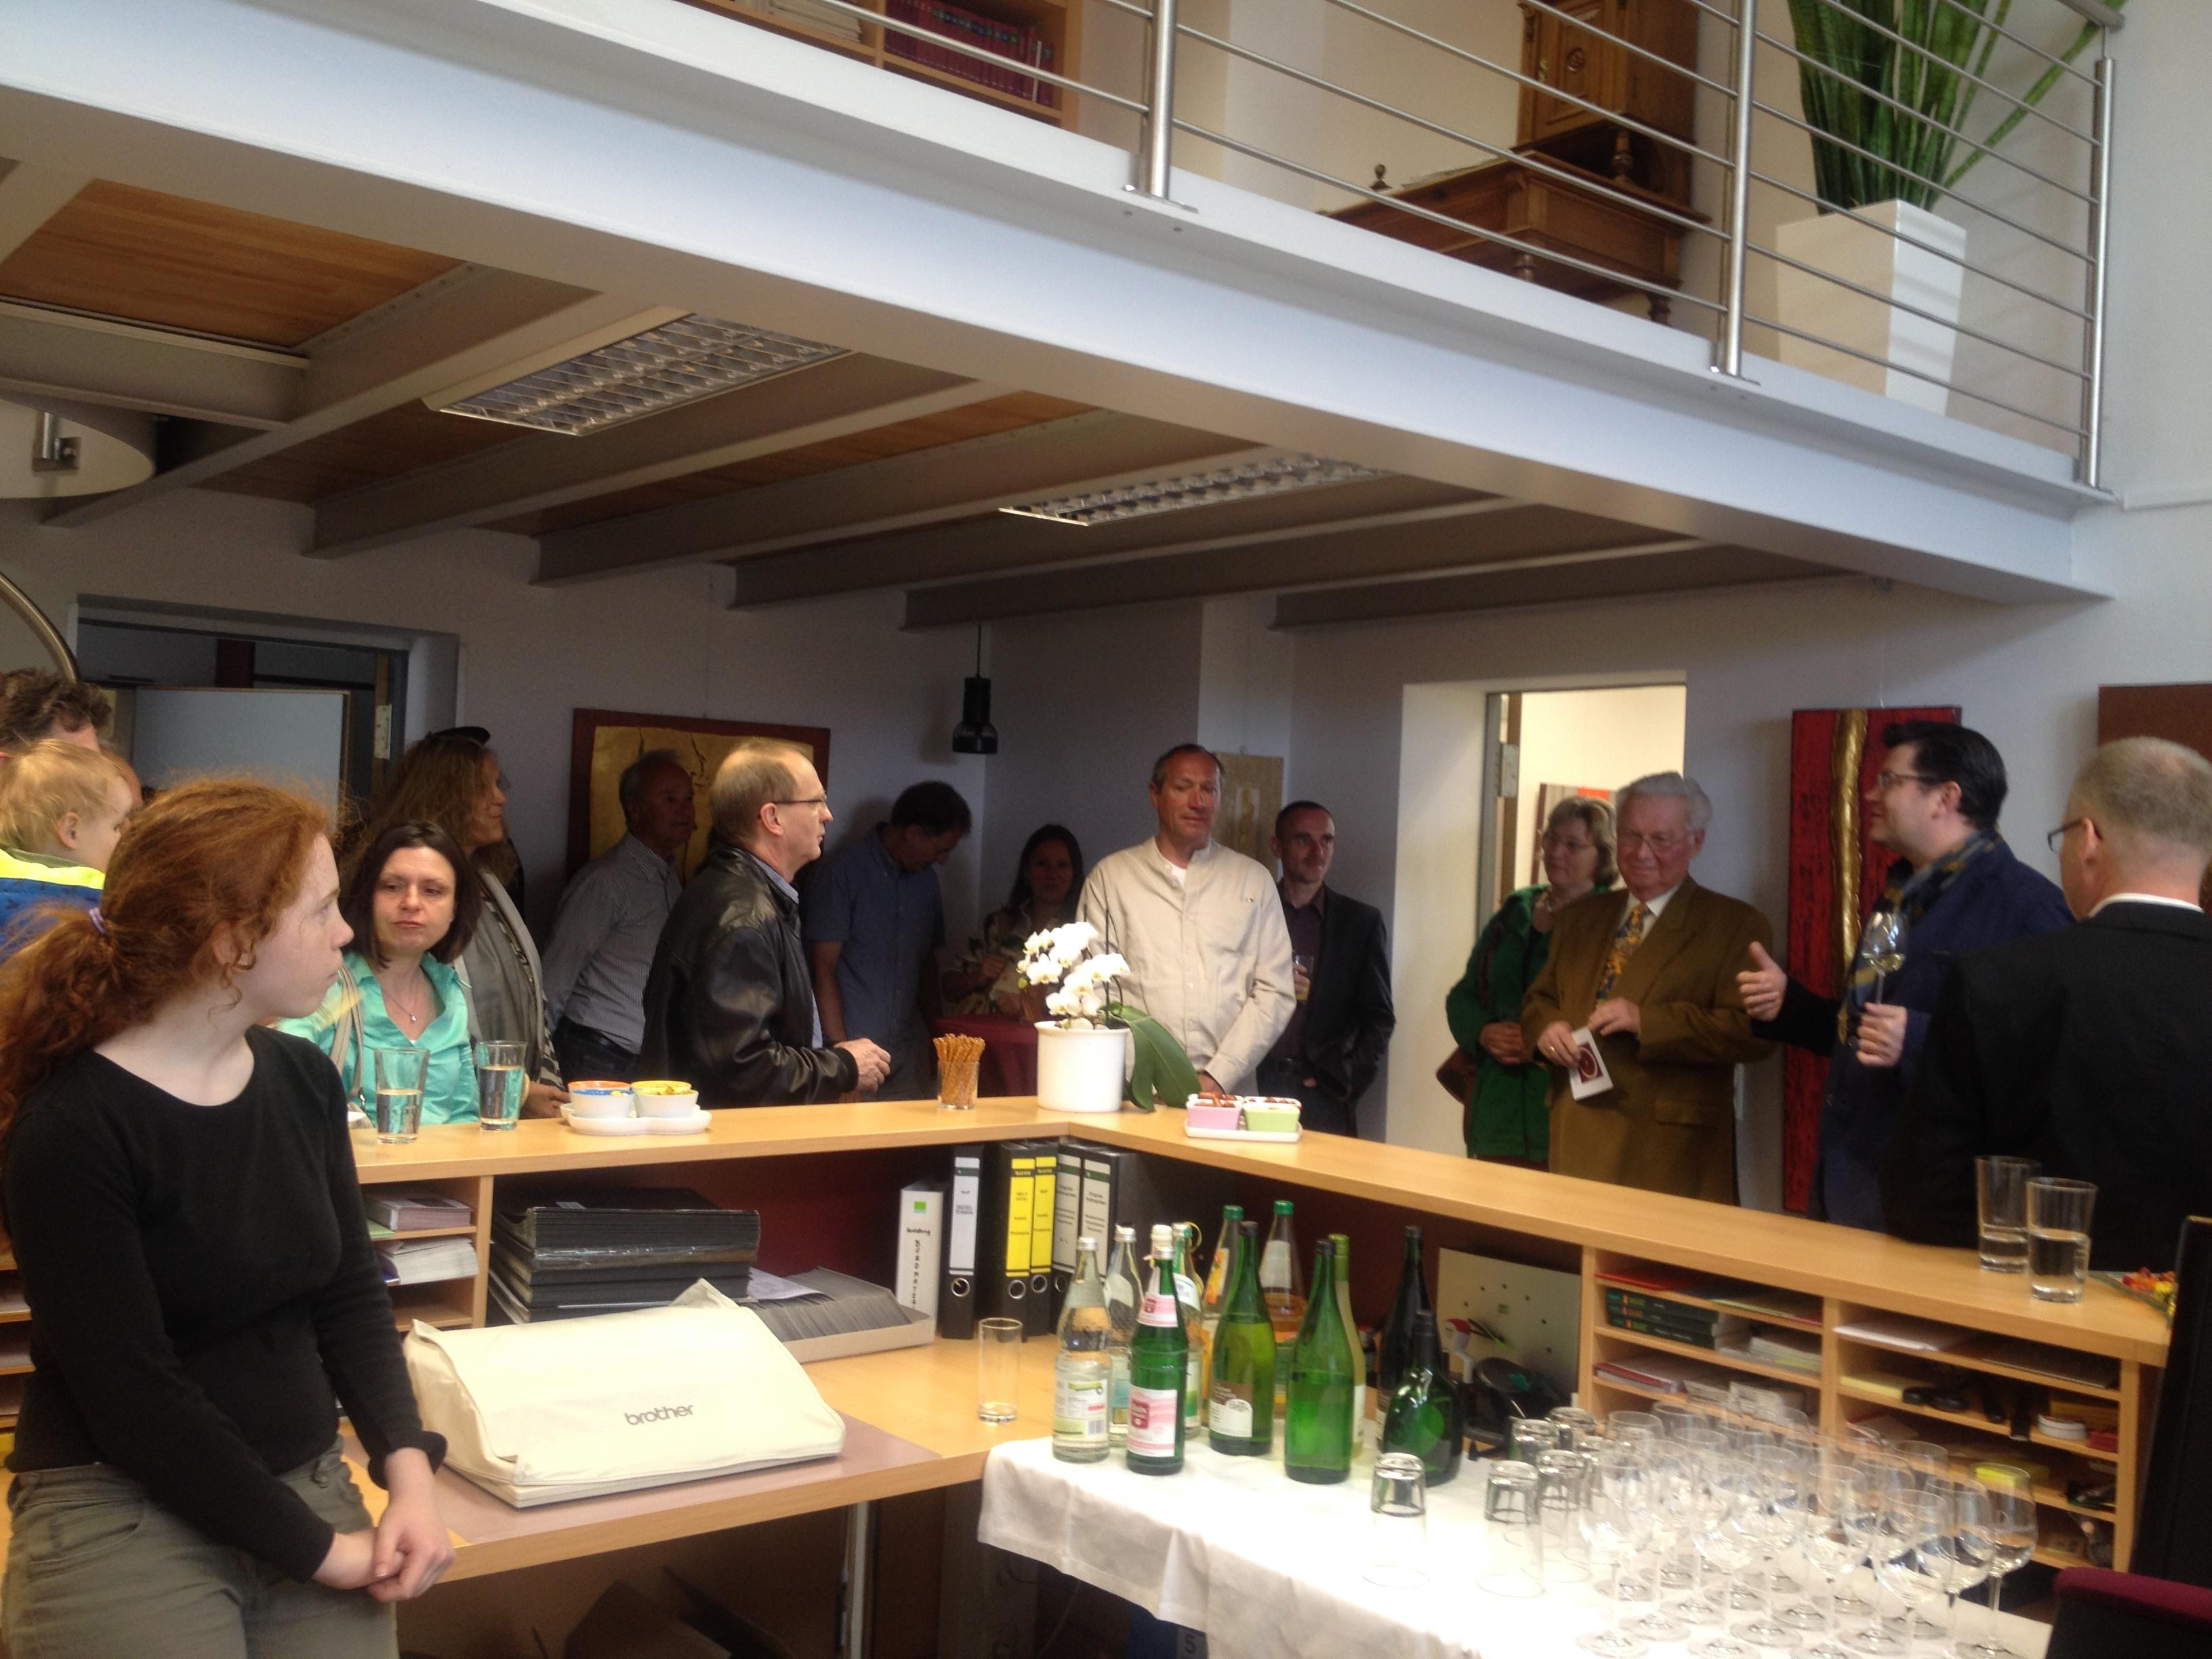 Matthias Henneberger begrüßt zur Matinee der Ausstellung Farb Klang mit Werken von Ushi Hagn